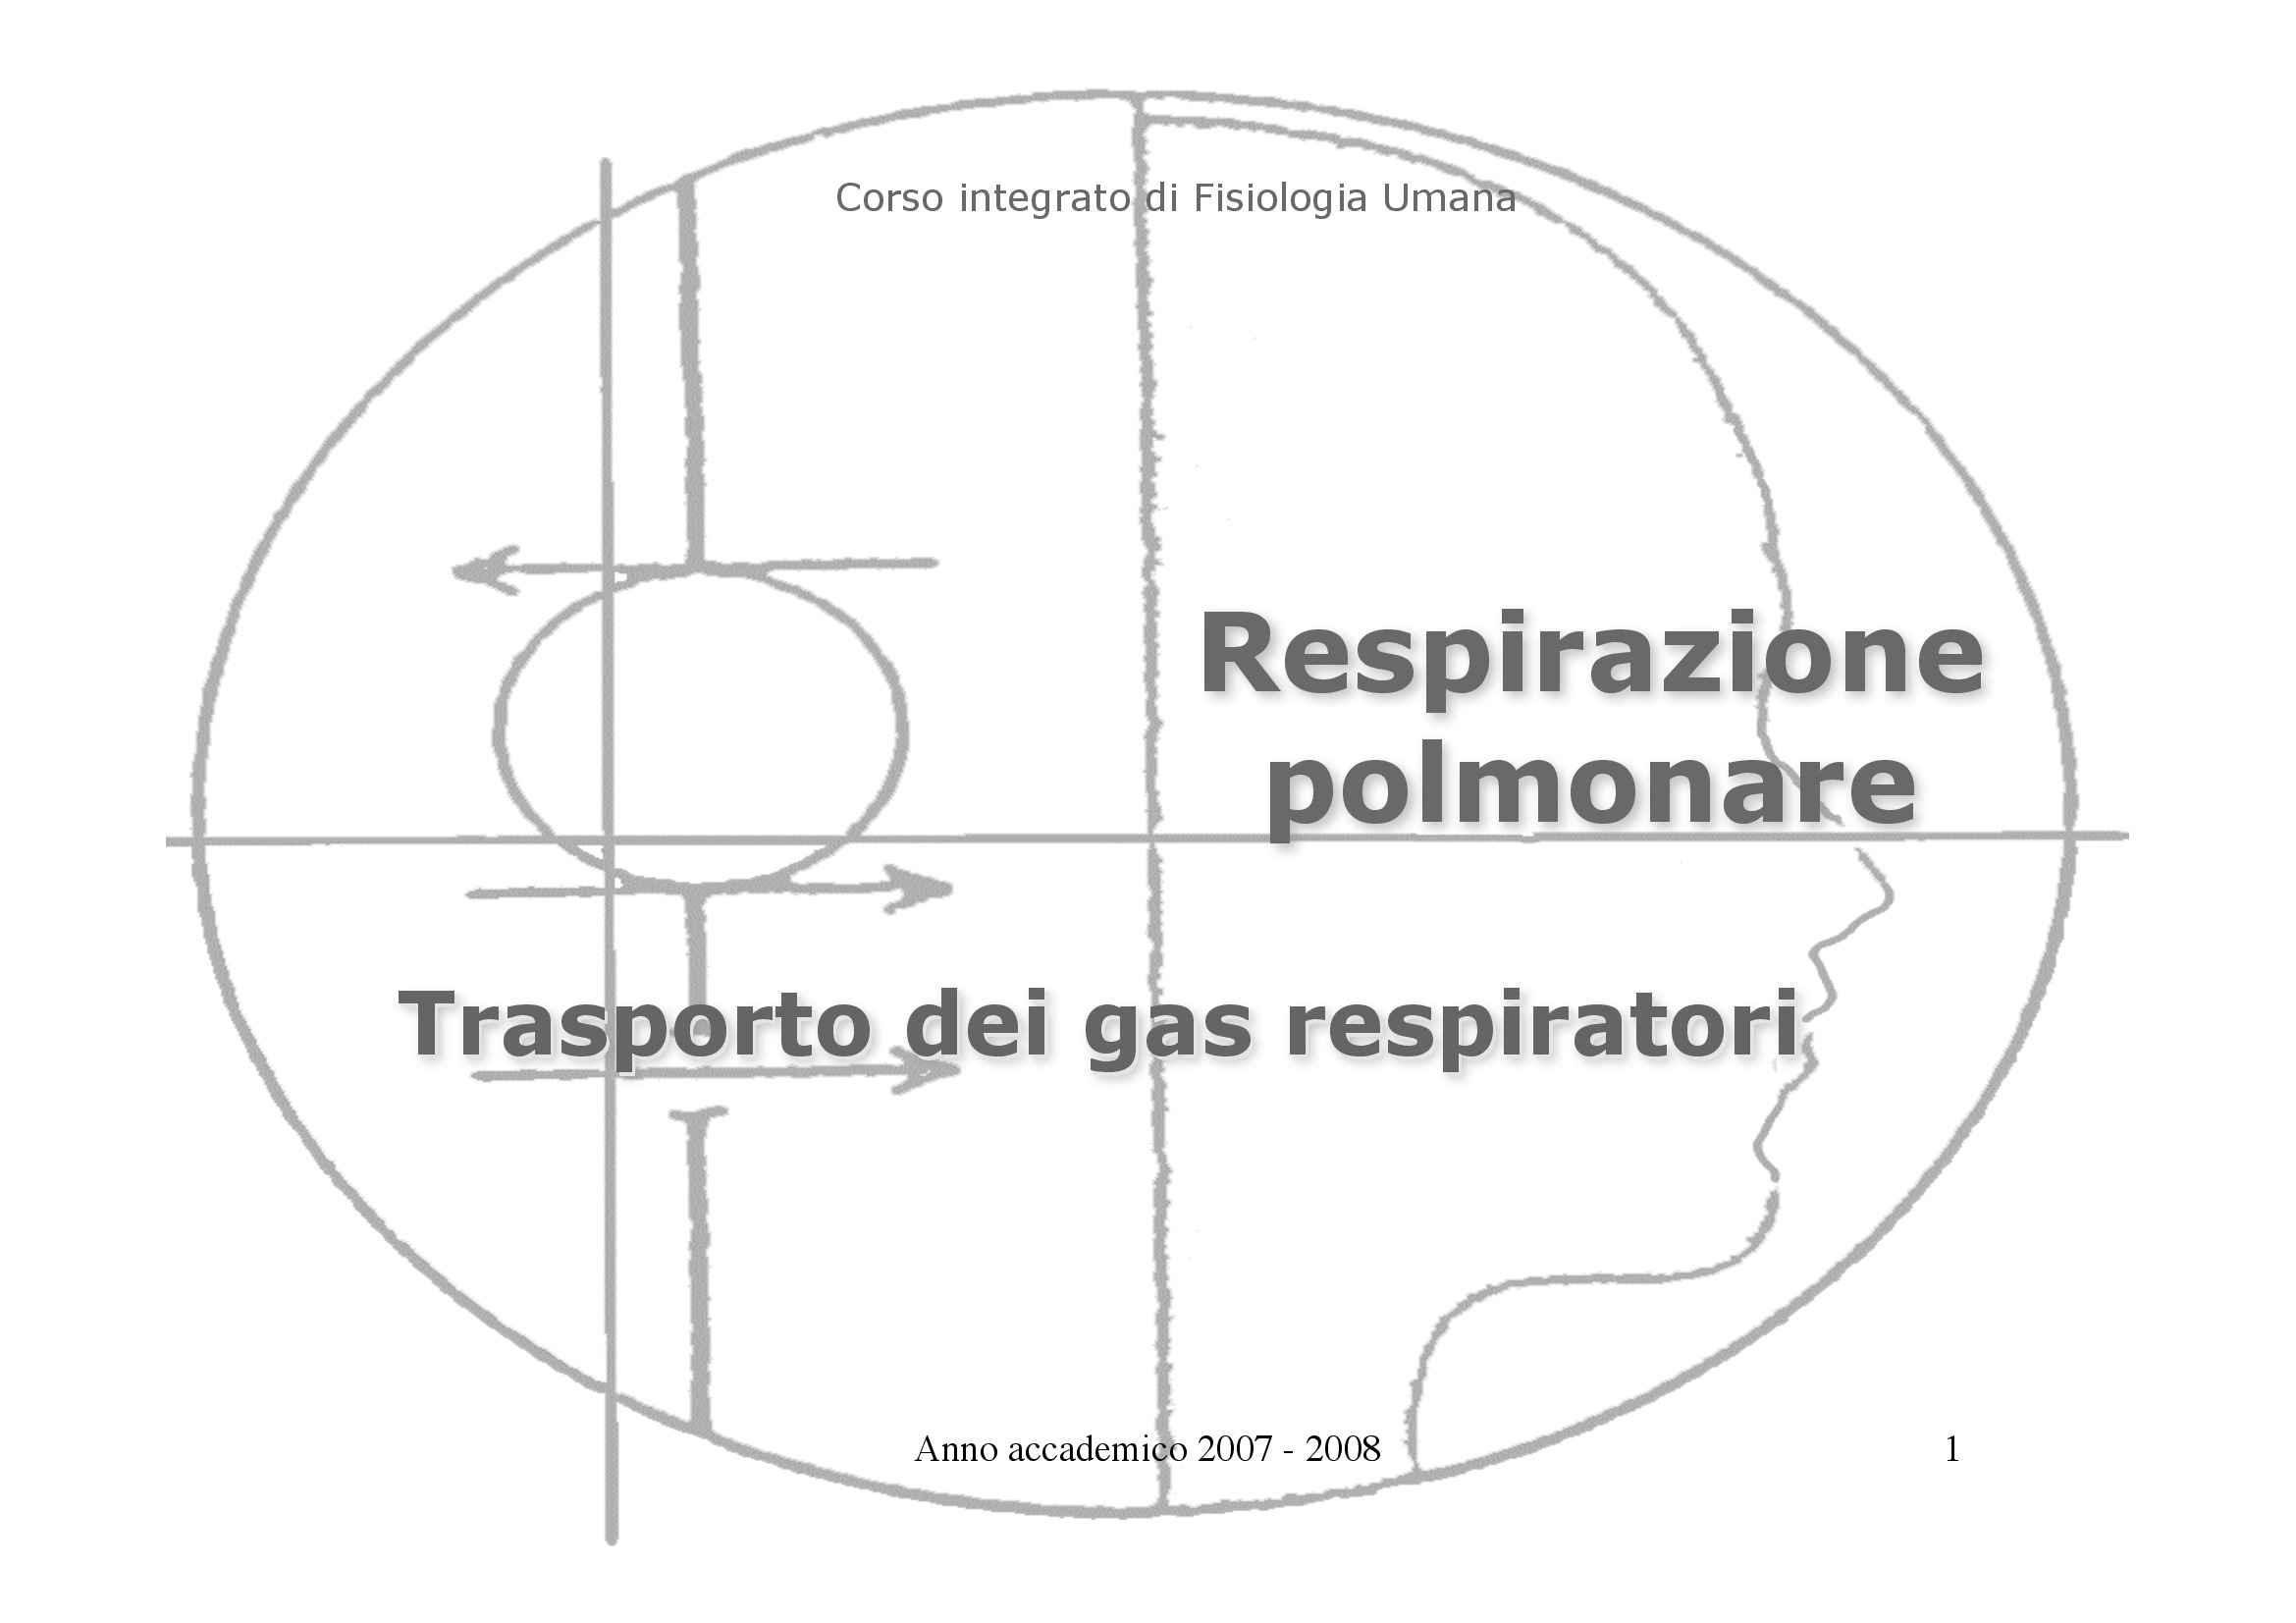 Fisiologia I - trasporto dei gas respiratori